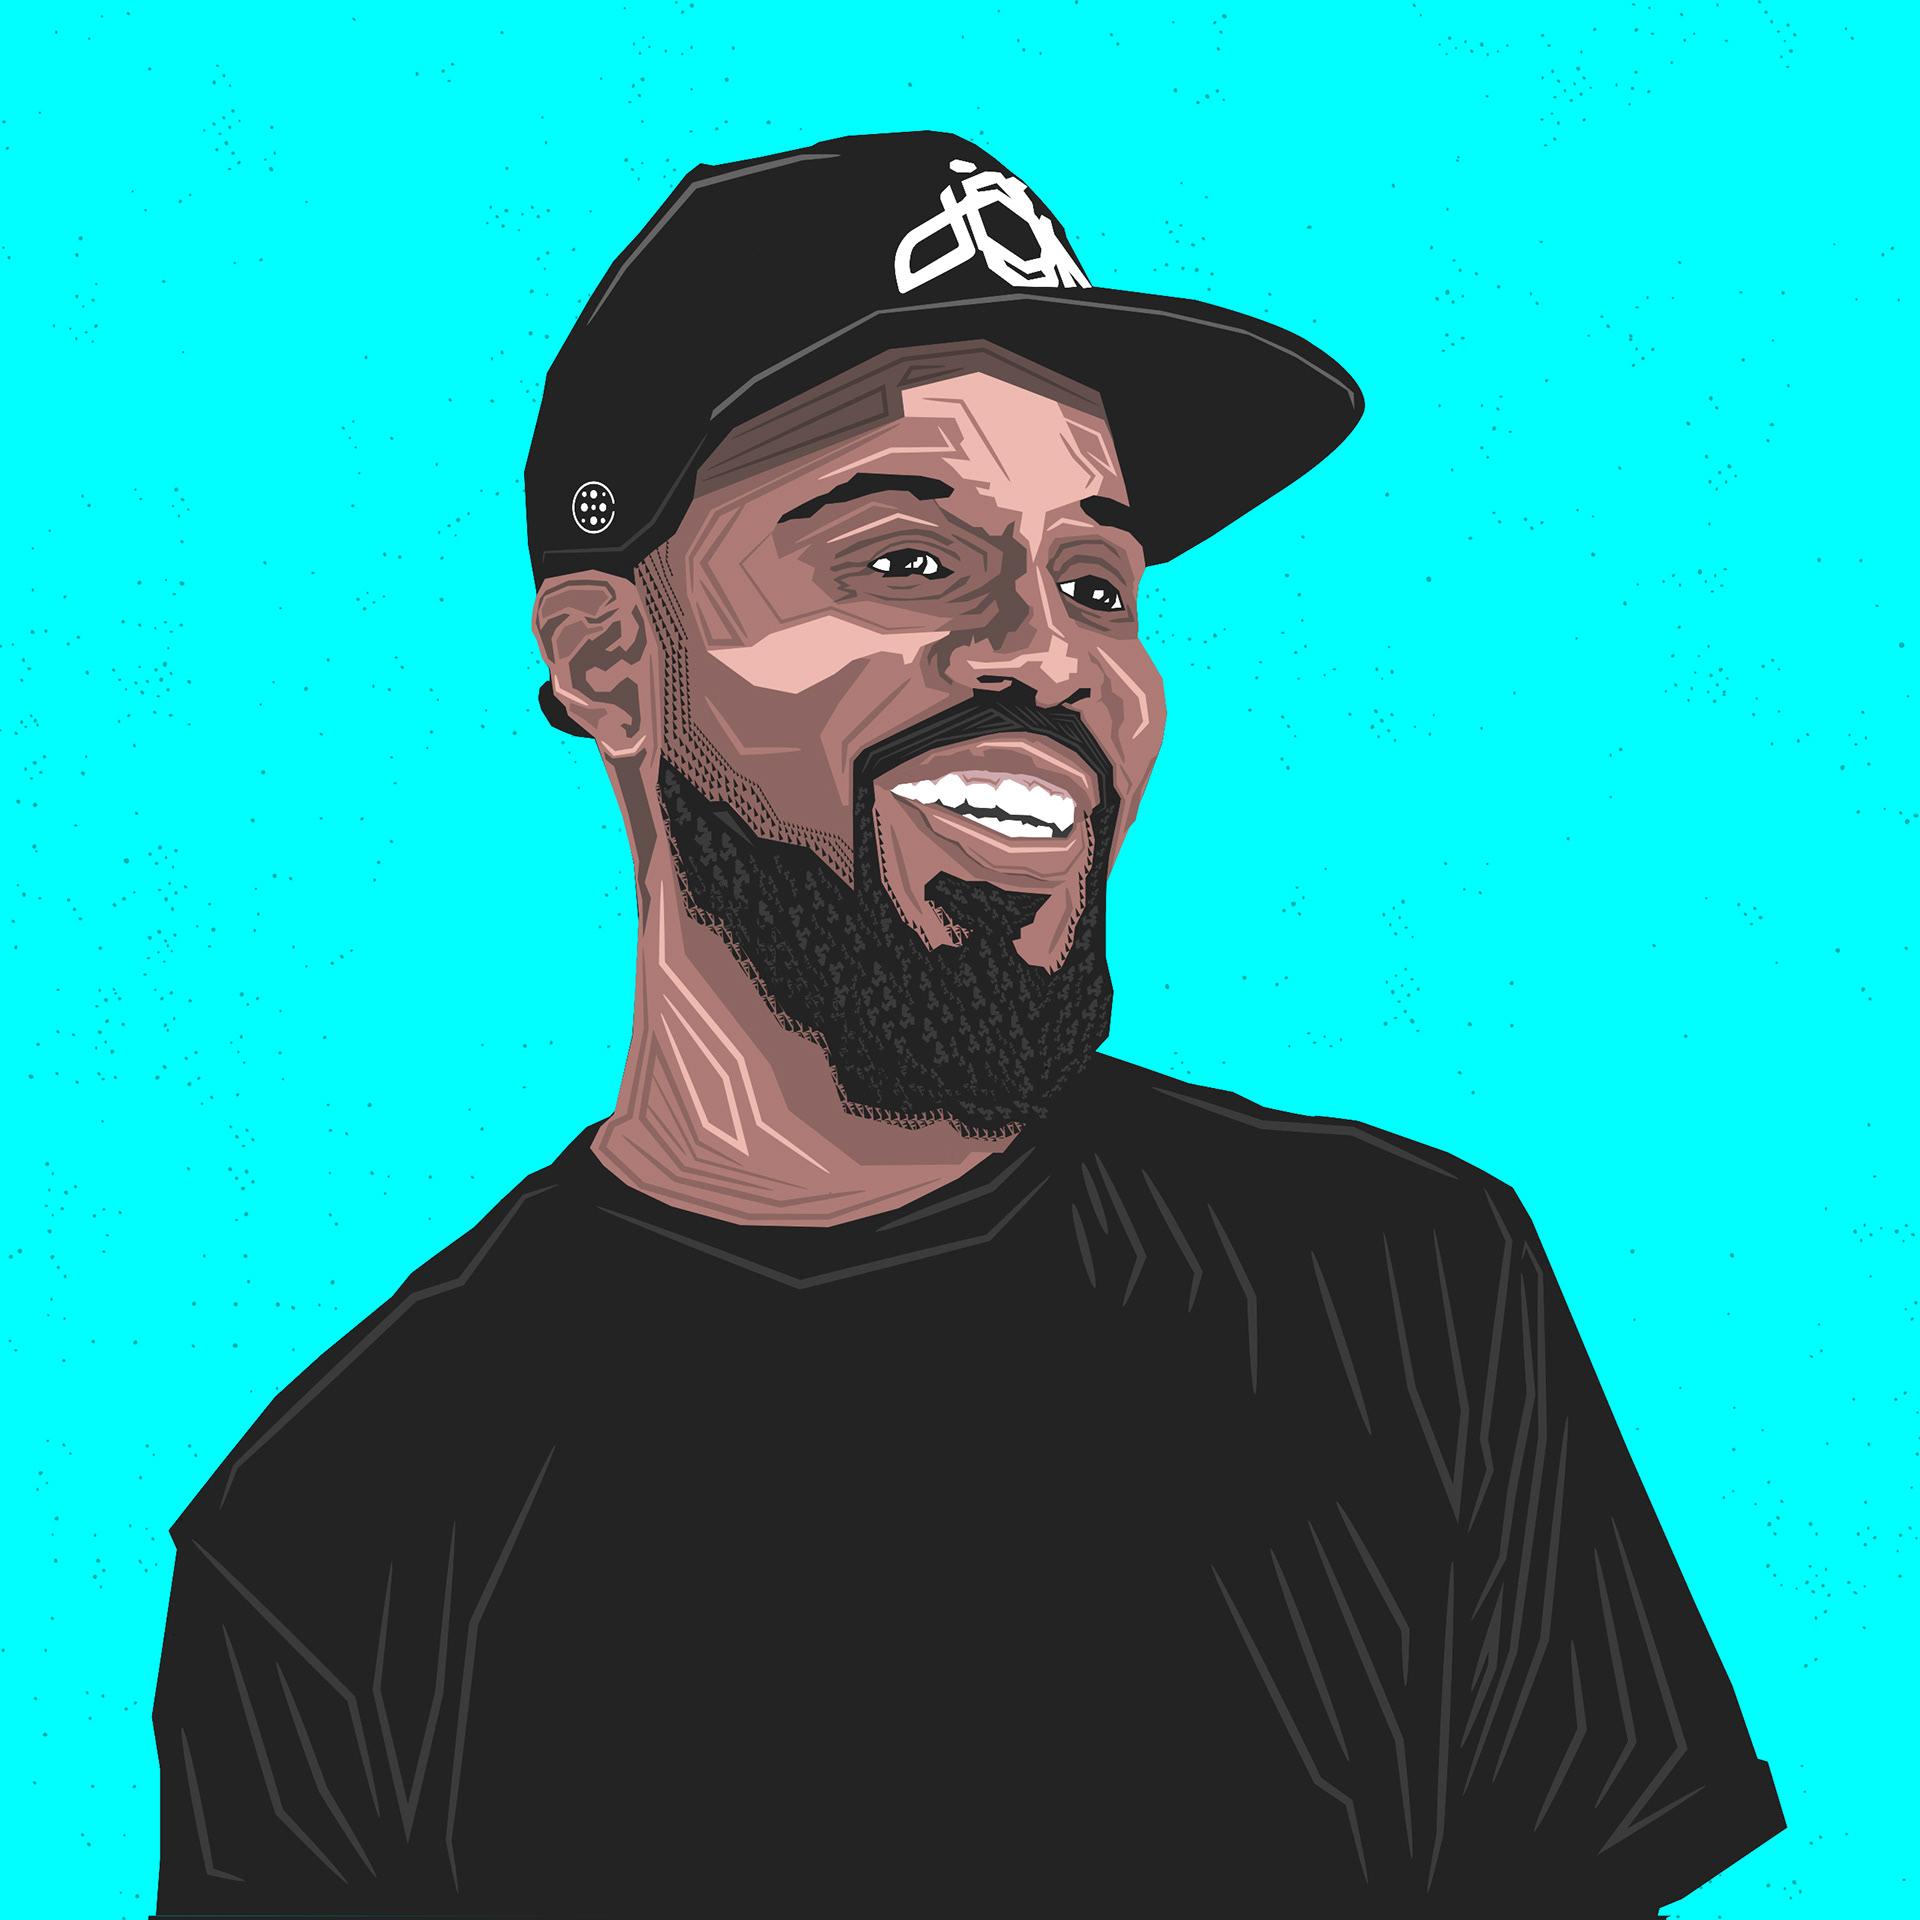 The Art of James E! Walker on LogoLounge